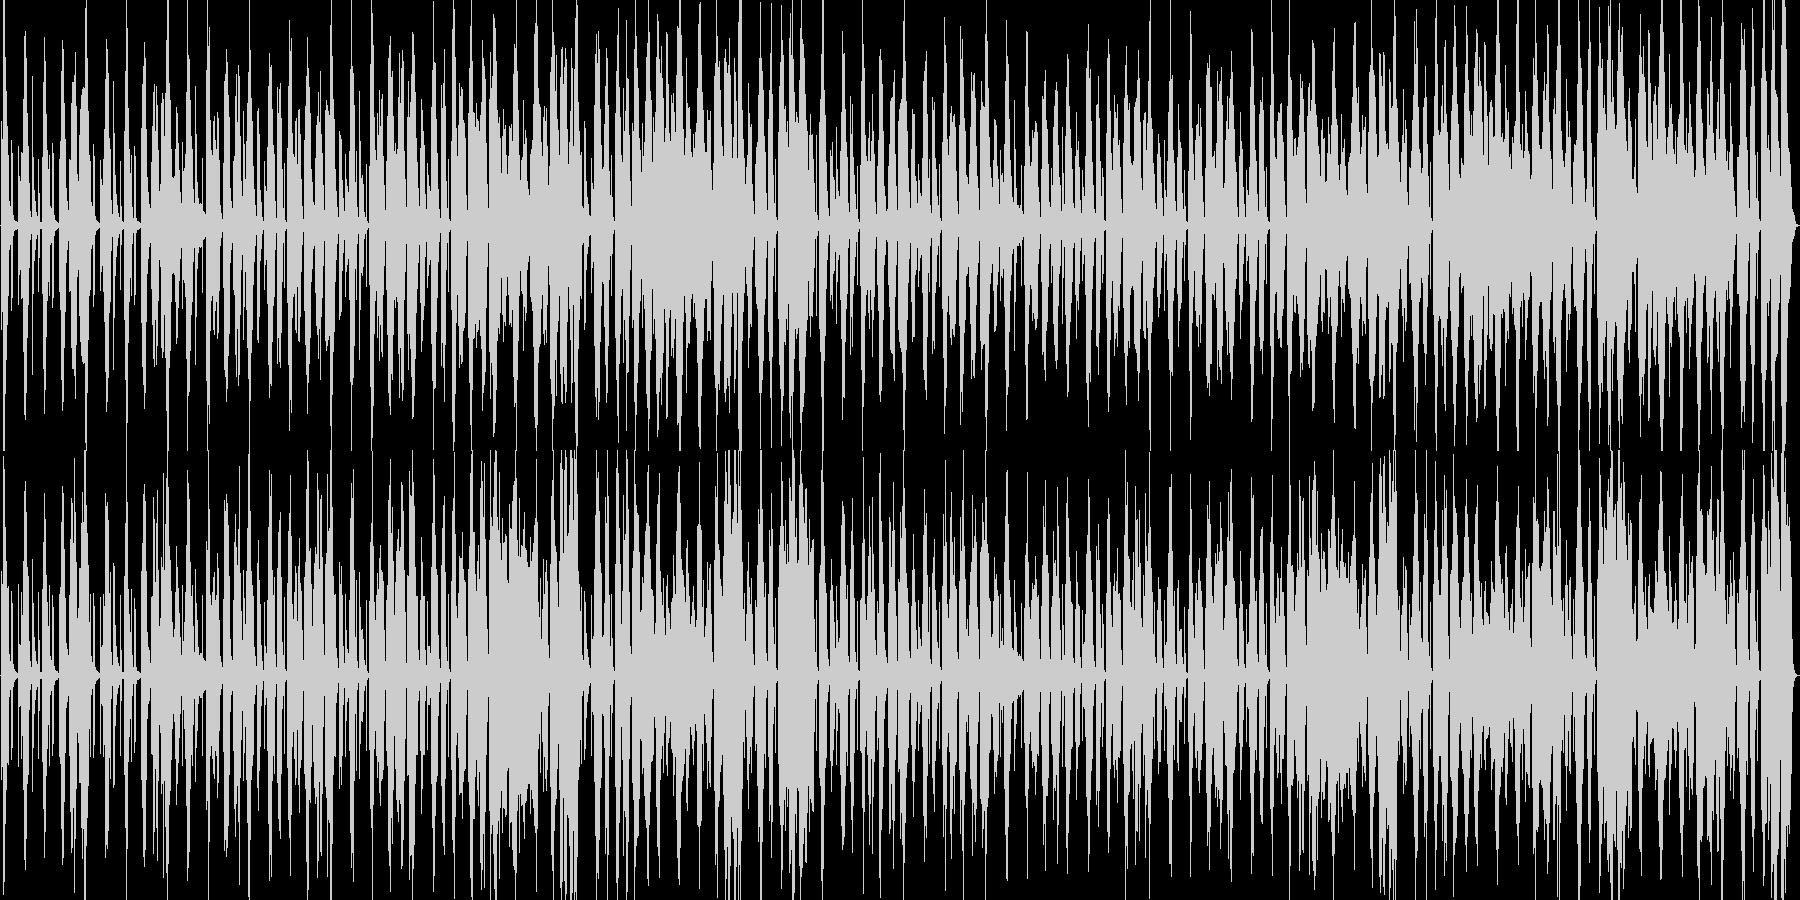 吹奏楽マーチループ曲楽しくスキップの未再生の波形